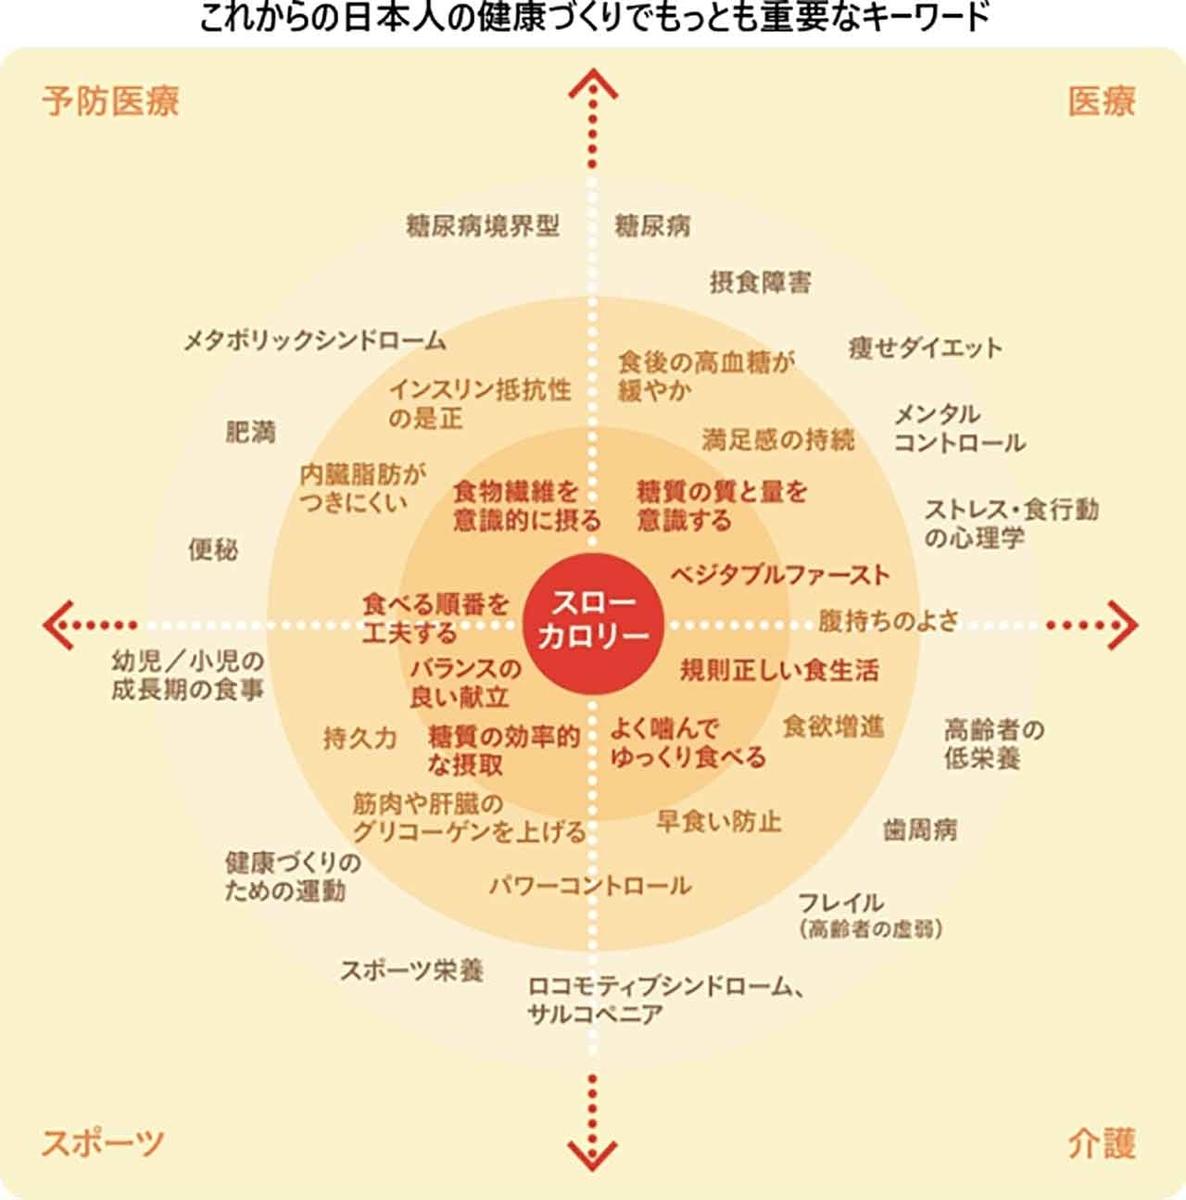 f:id:kozonoayumi2018:20190719104344j:plain